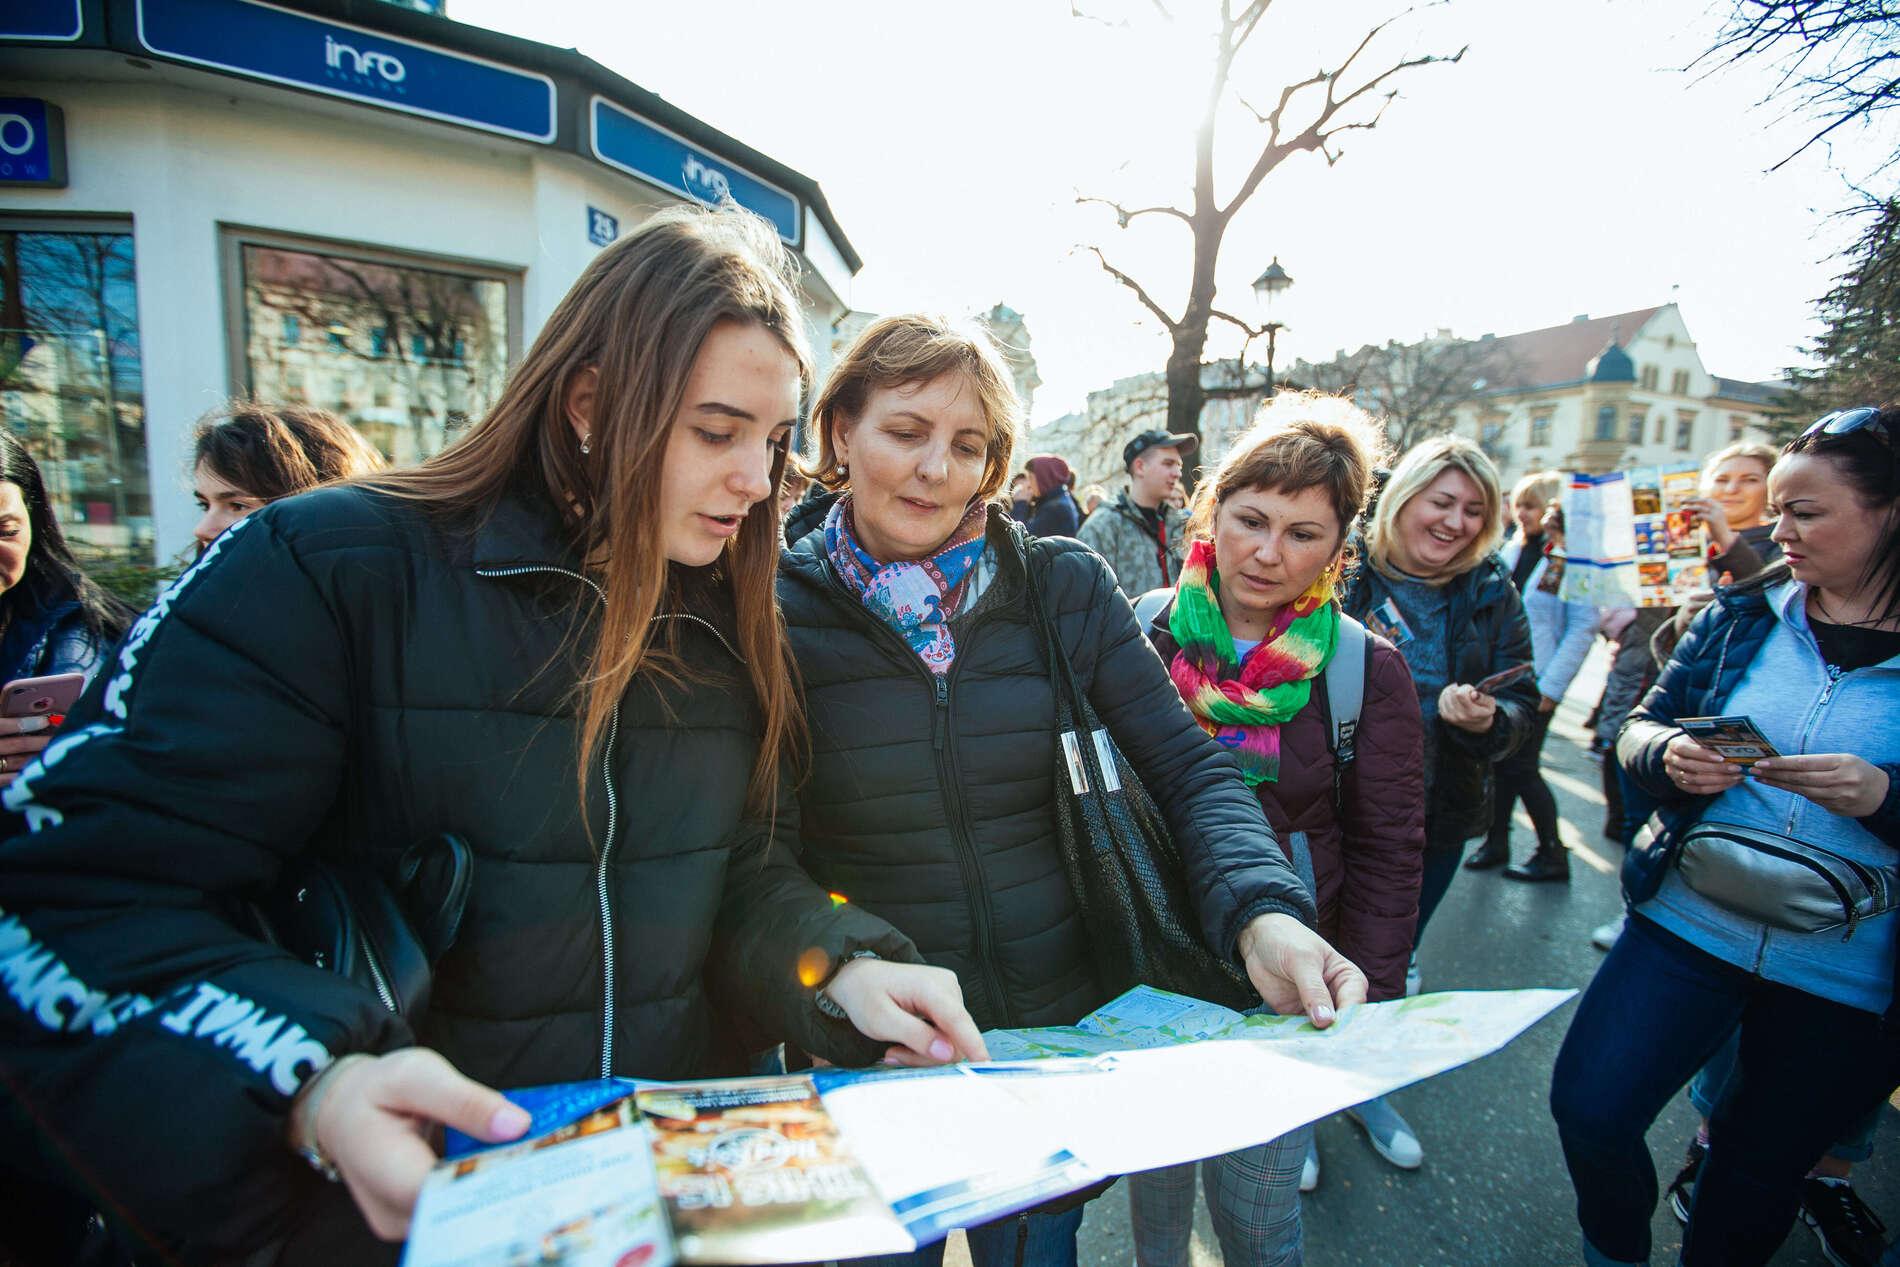 Образовательная разведка: о чем нужно знать перед поступлением в польский университет - UniverPL